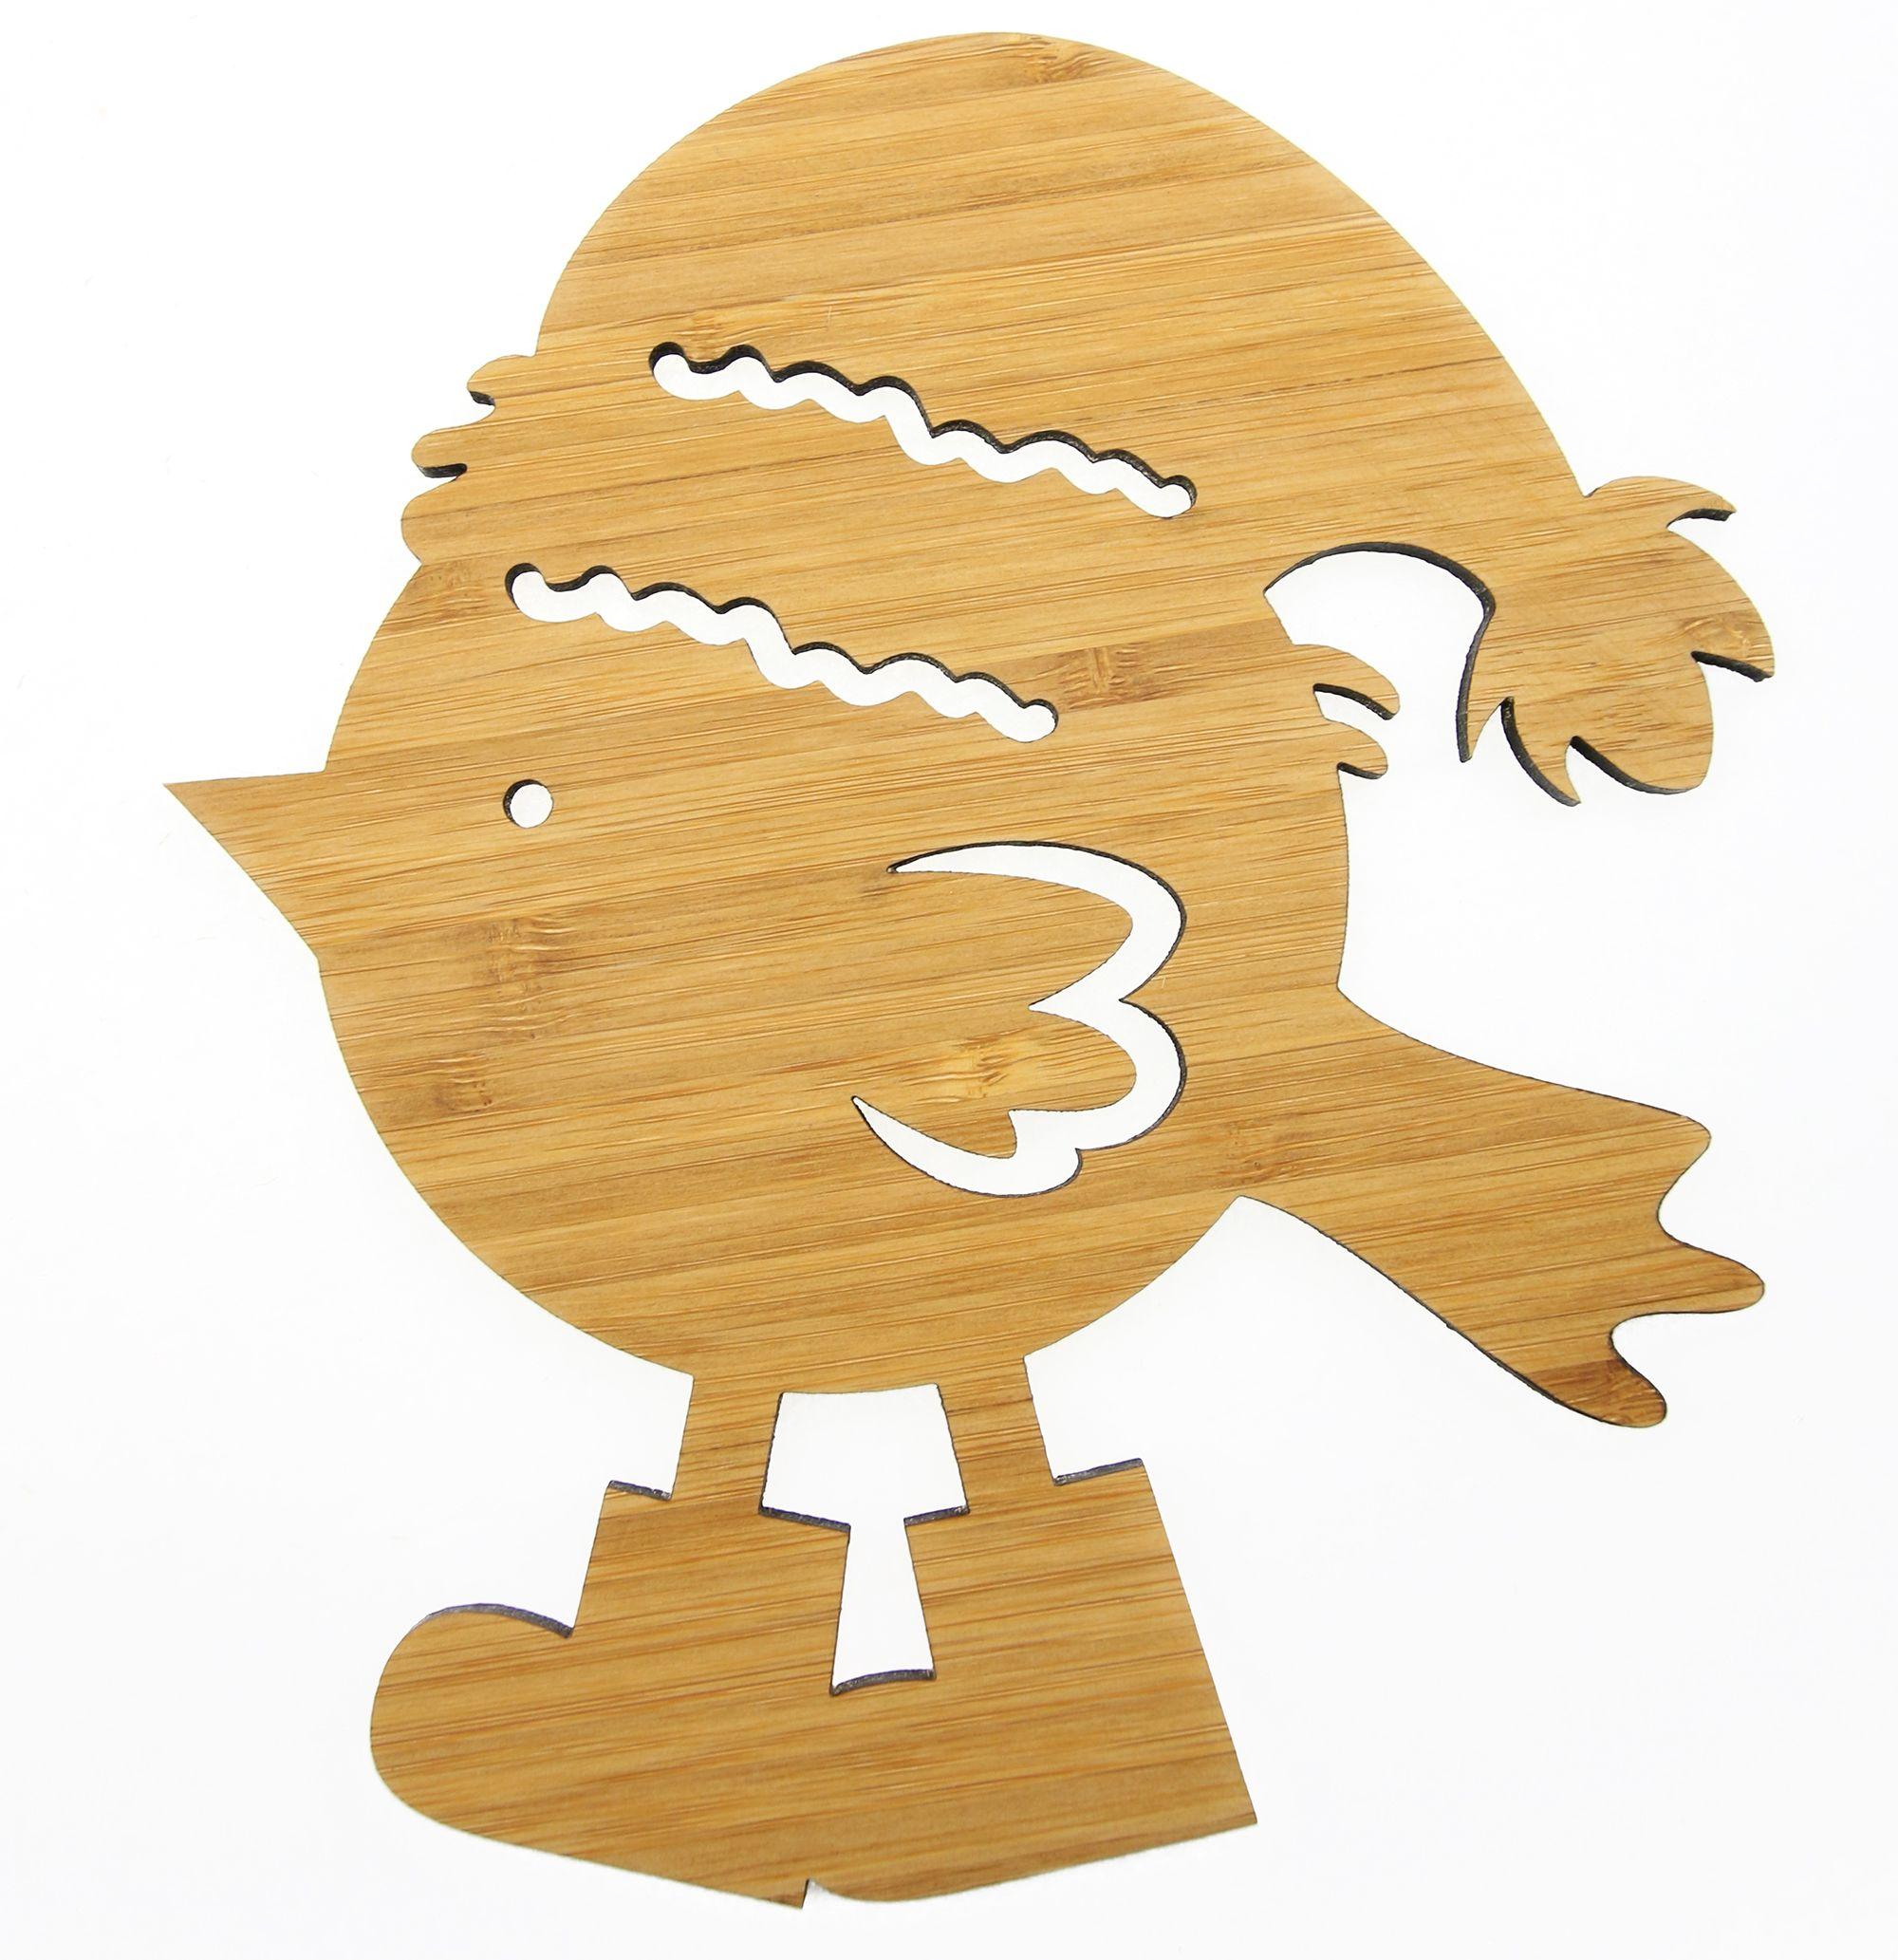 Wanddeko wintervogel mit stiefeln aus bambus coffee das - Wanddeko bambus ...